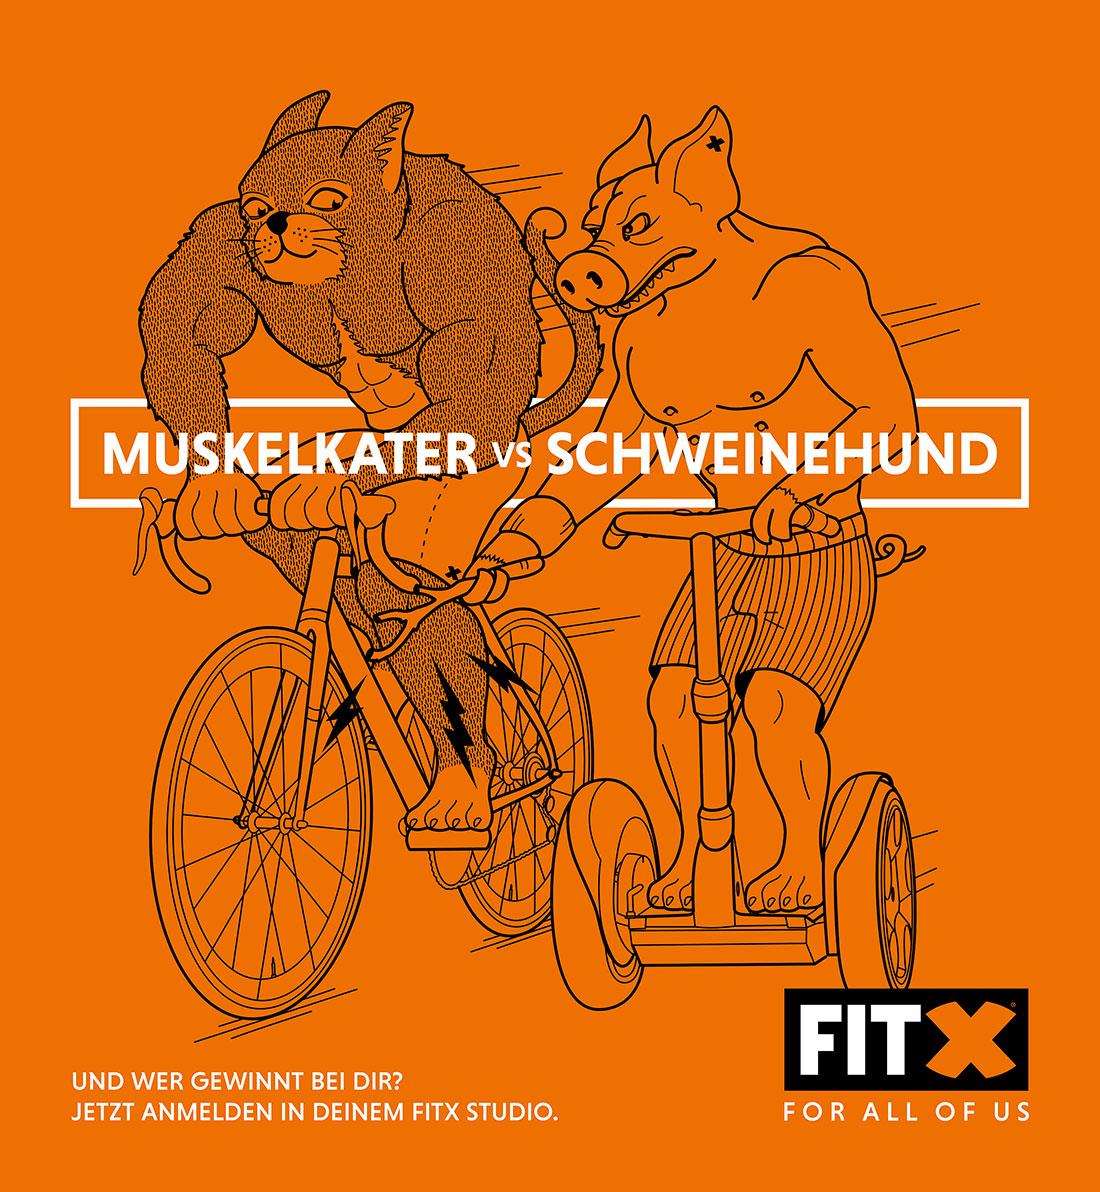 Muskelkater vs. Schweinehund - wer gewinnt? FitX_Muskalkater-vs-Schweinehund_02